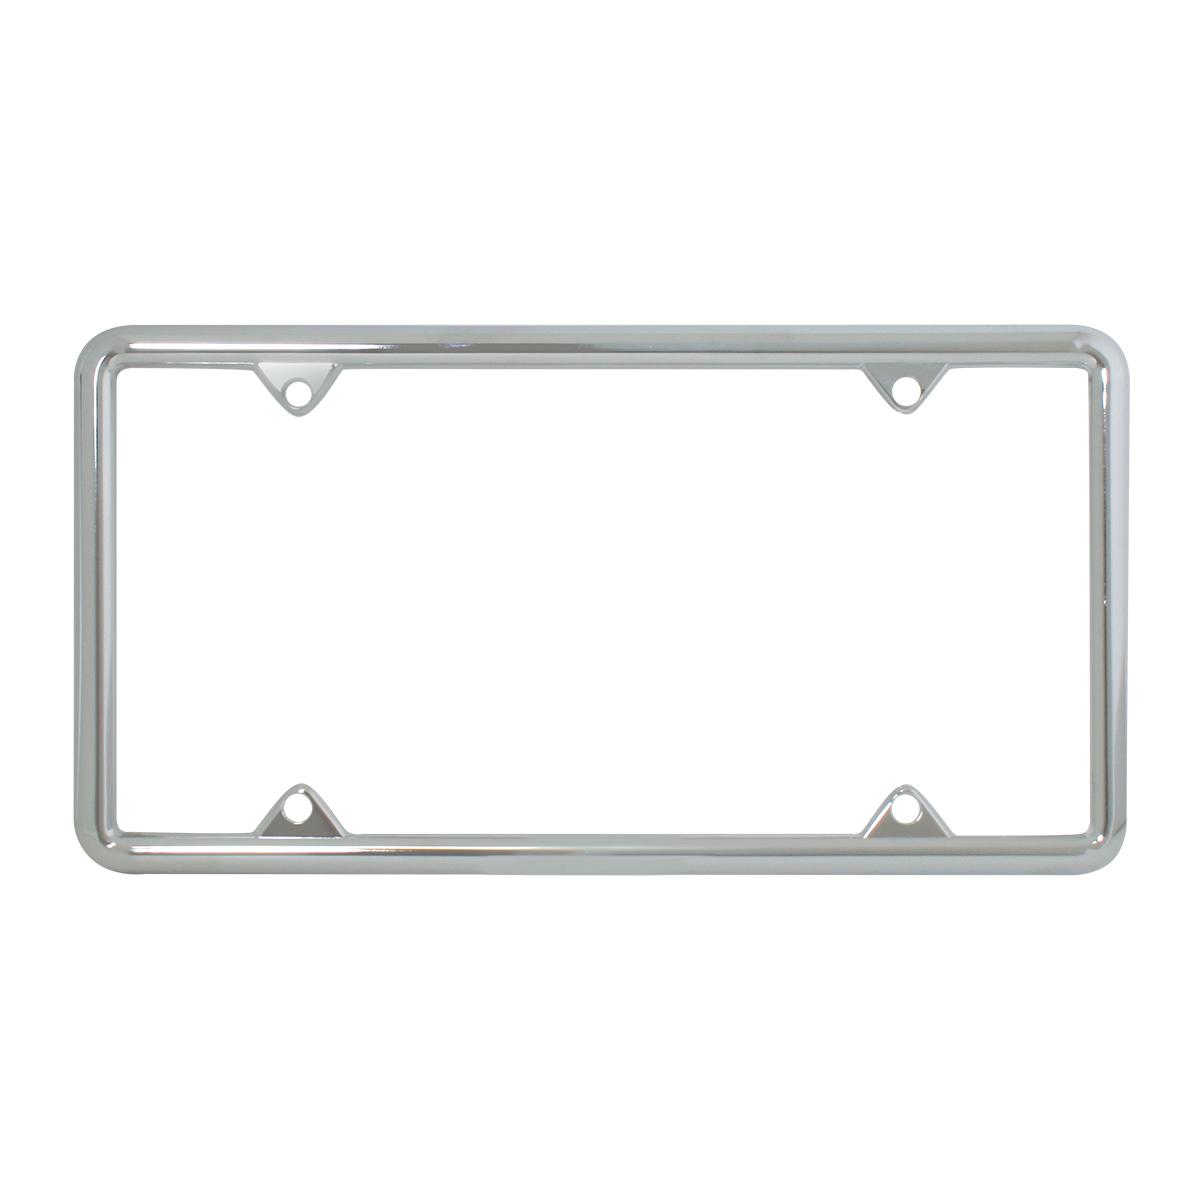 60061 Economic Chrome Zinc Classic 4-Hole License Plate Frames